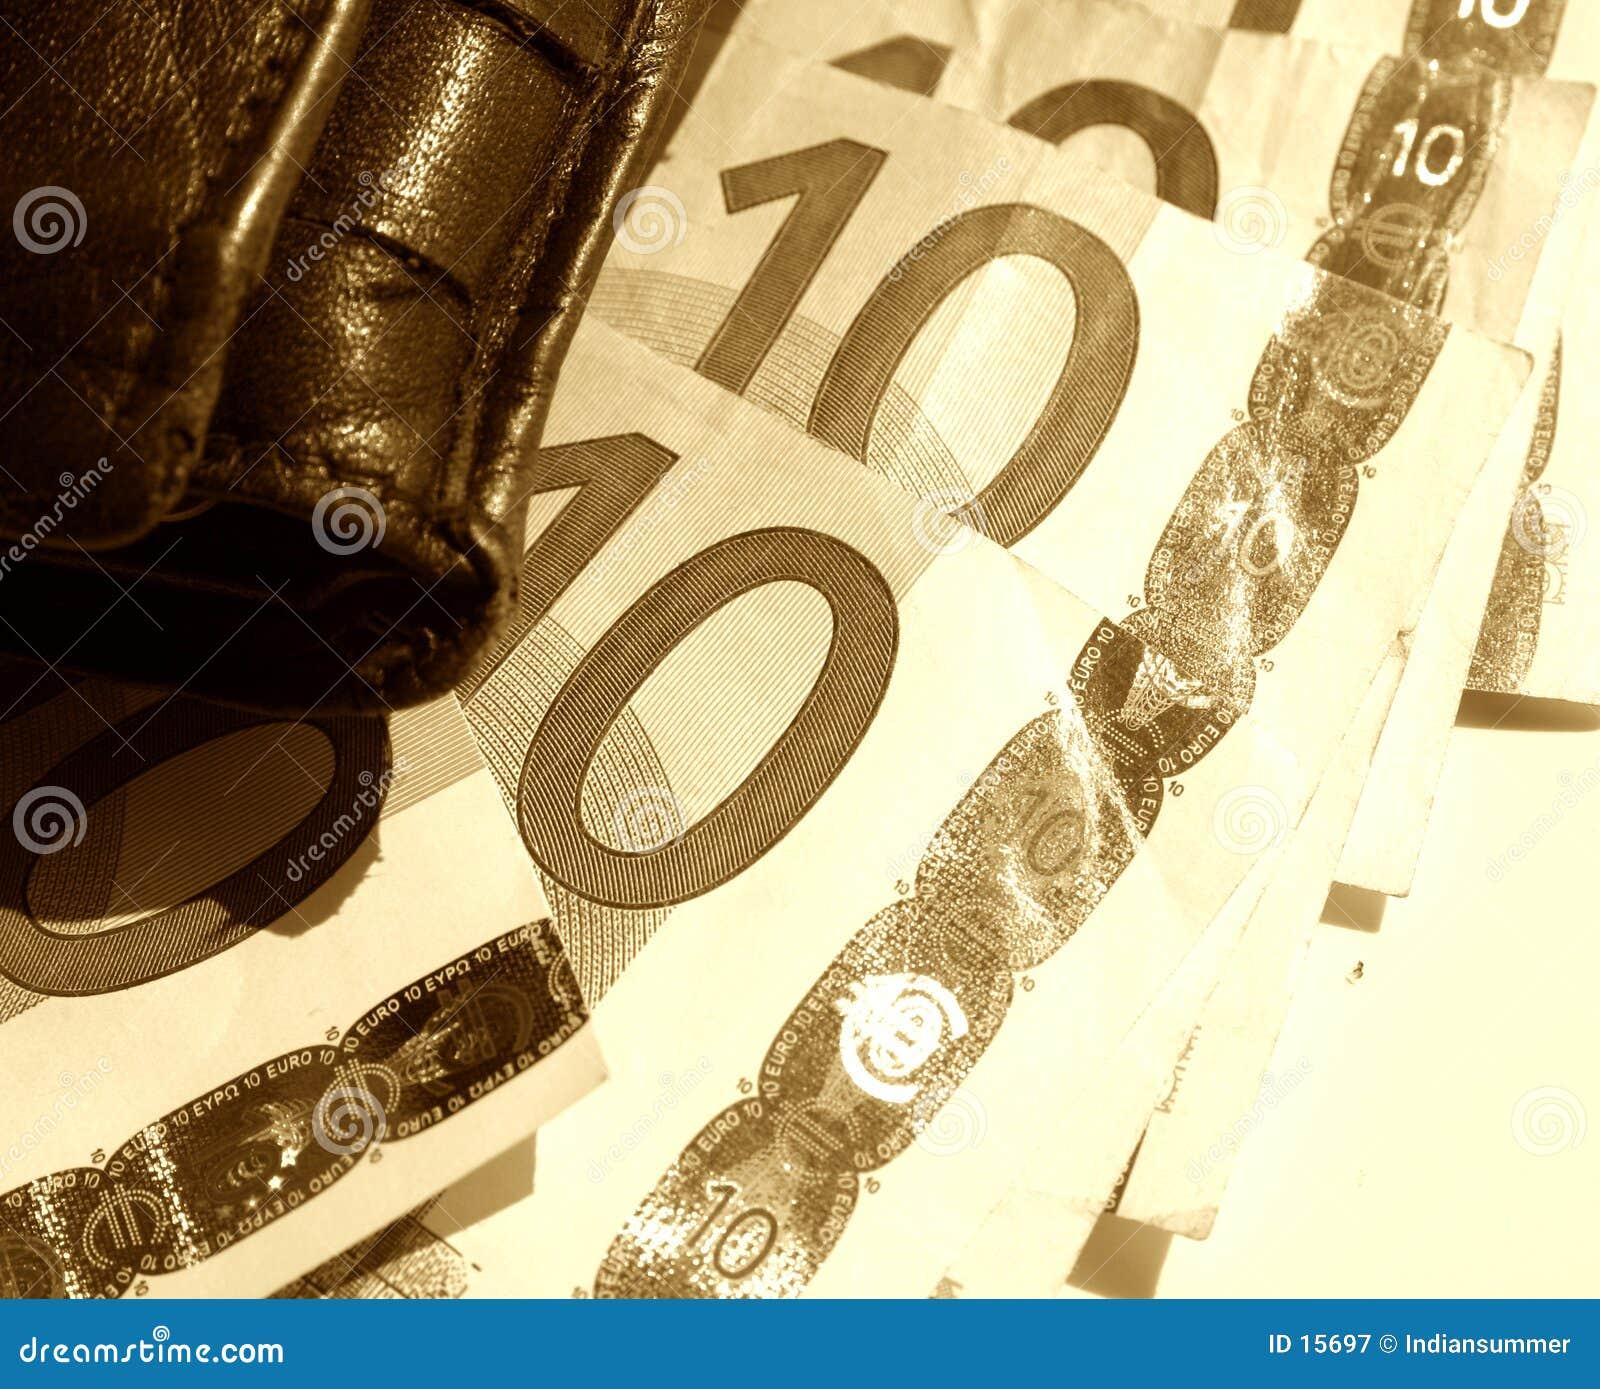 Euros skissar plånboken